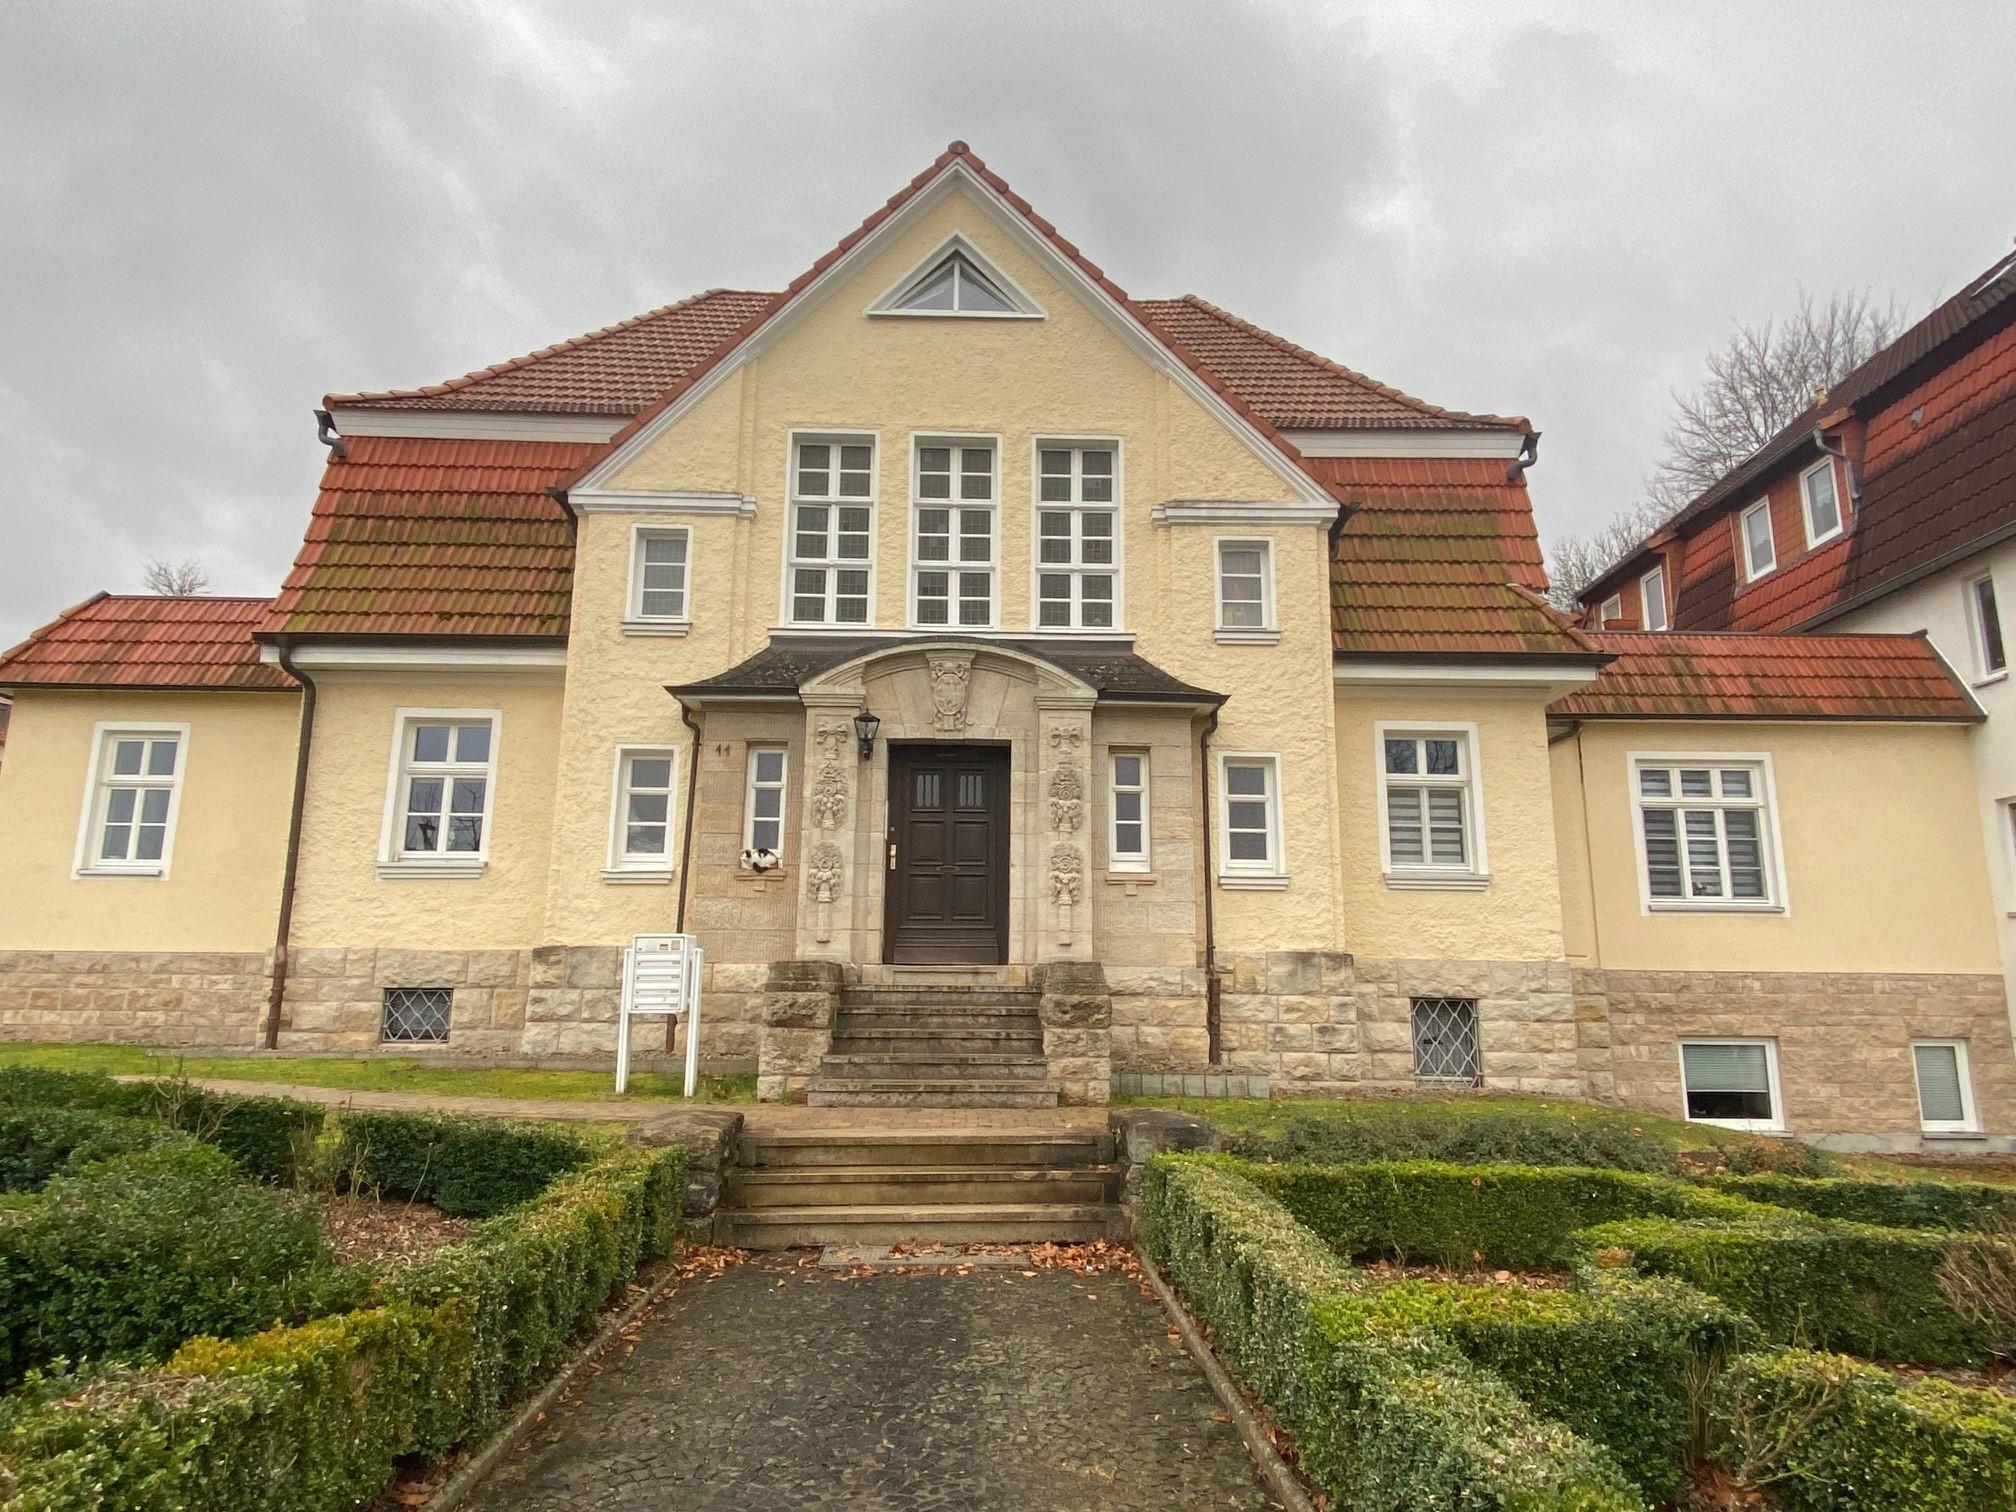 3 Zimmerwohnung in imposanter Gründerzeitvilla zu verkaufen – auch als Kapitalanlage